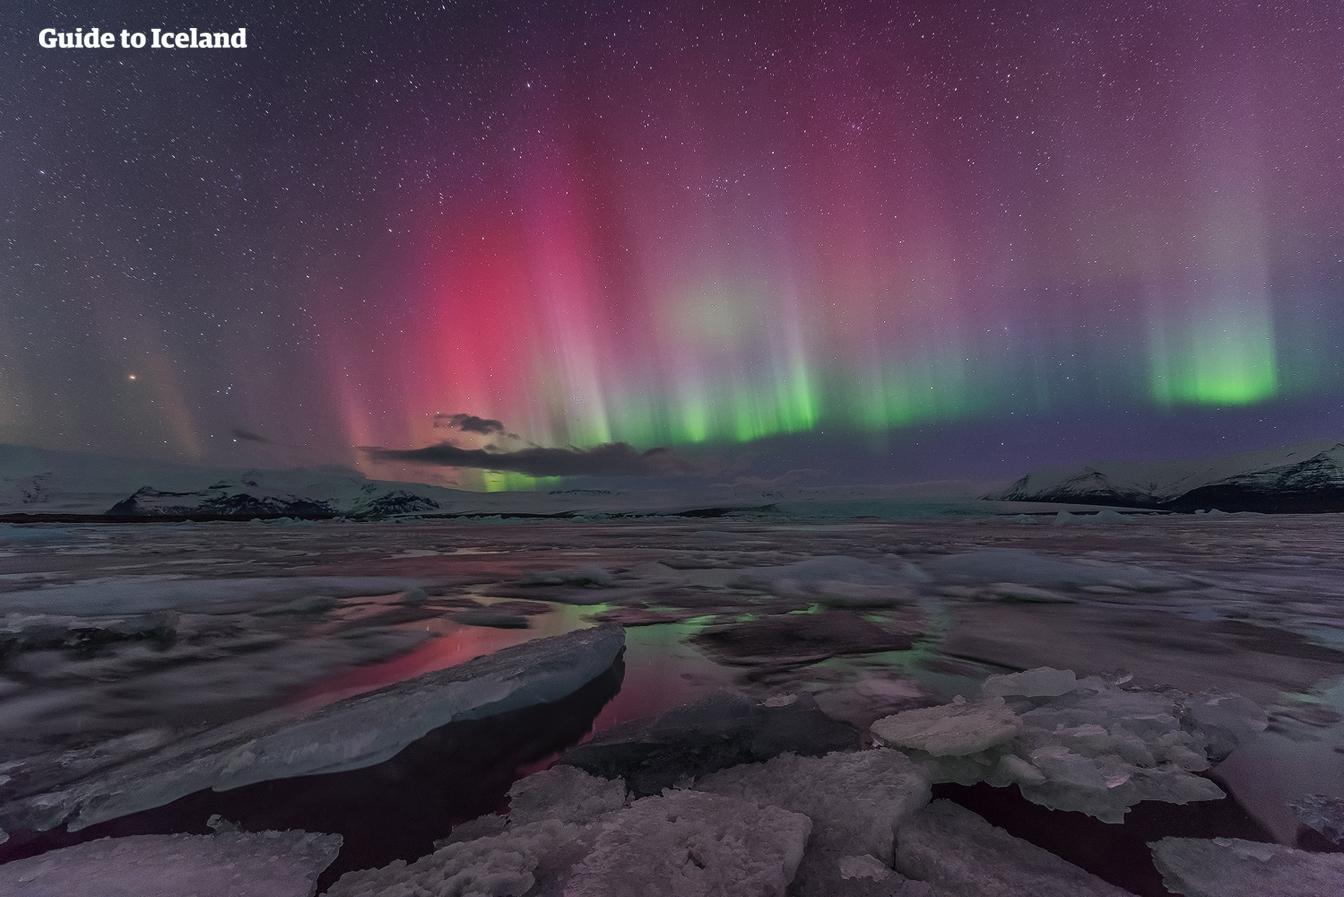 Jökulsárlón er fordoblet i størrelse over en femten års tid, men den slår stadig ikke udbredelsen af nordlys over den.